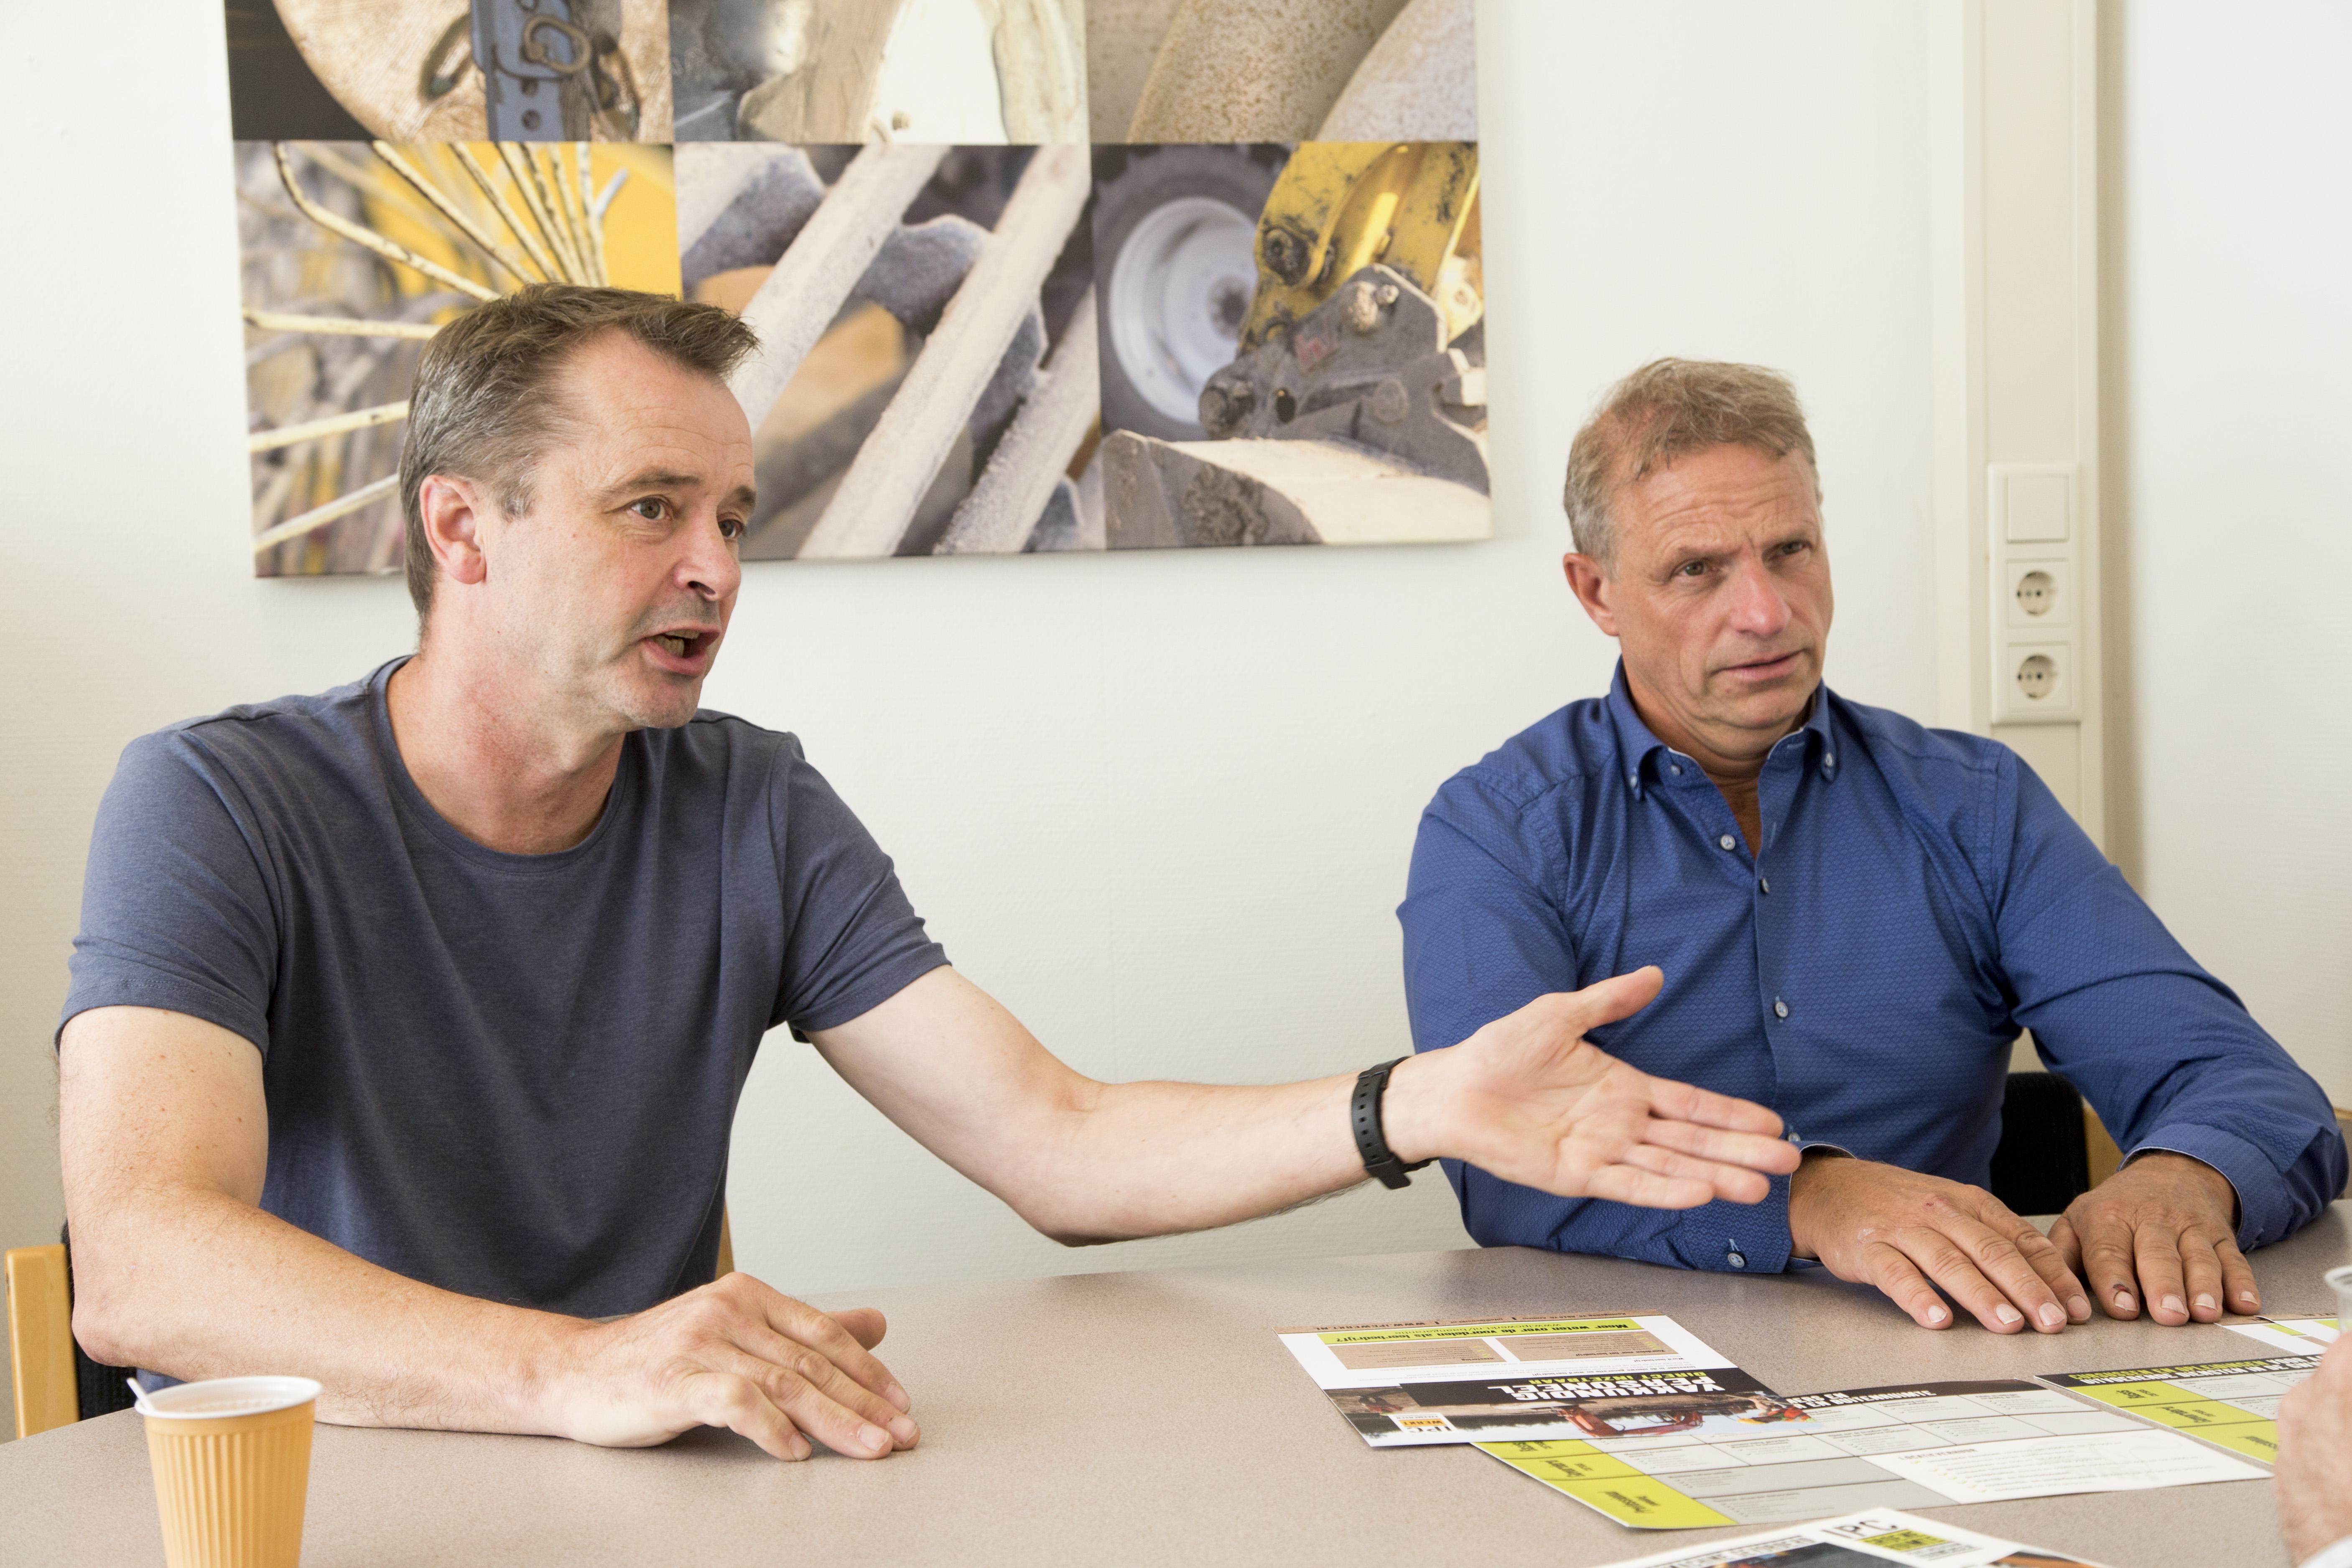 <p>DirecteurJohan van Apeldoorn en trainer Pim de Jonge van IPC Werkt: &#8216;Het vinden van leerlingen is de grote uitdaging.&#8217;</p>